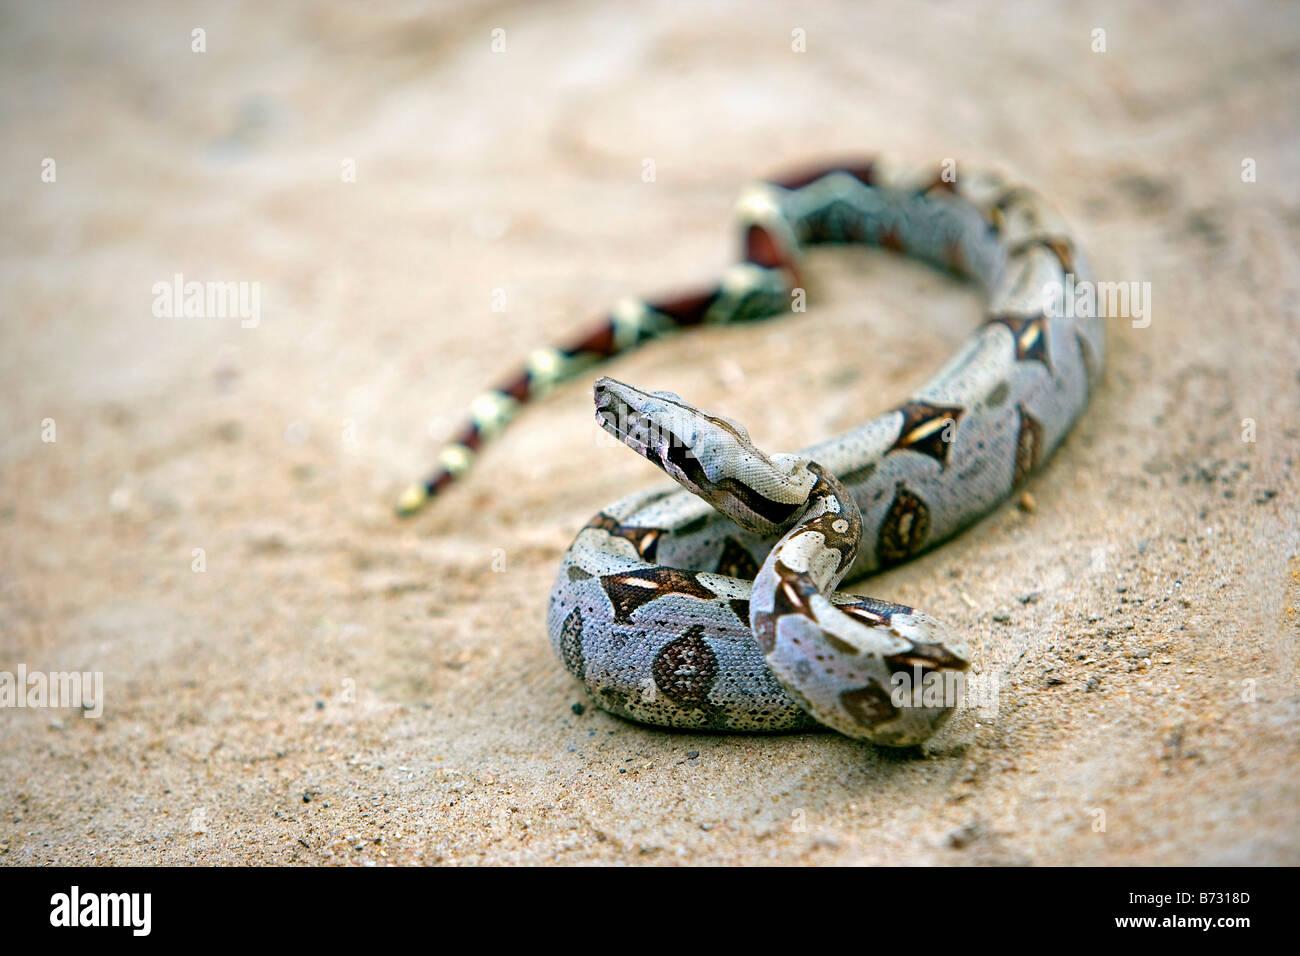 Suriname, Laduani, en el banco de la Boven río Surinam. Boa constrictor. (Boa constrictor constrictor). Imagen De Stock